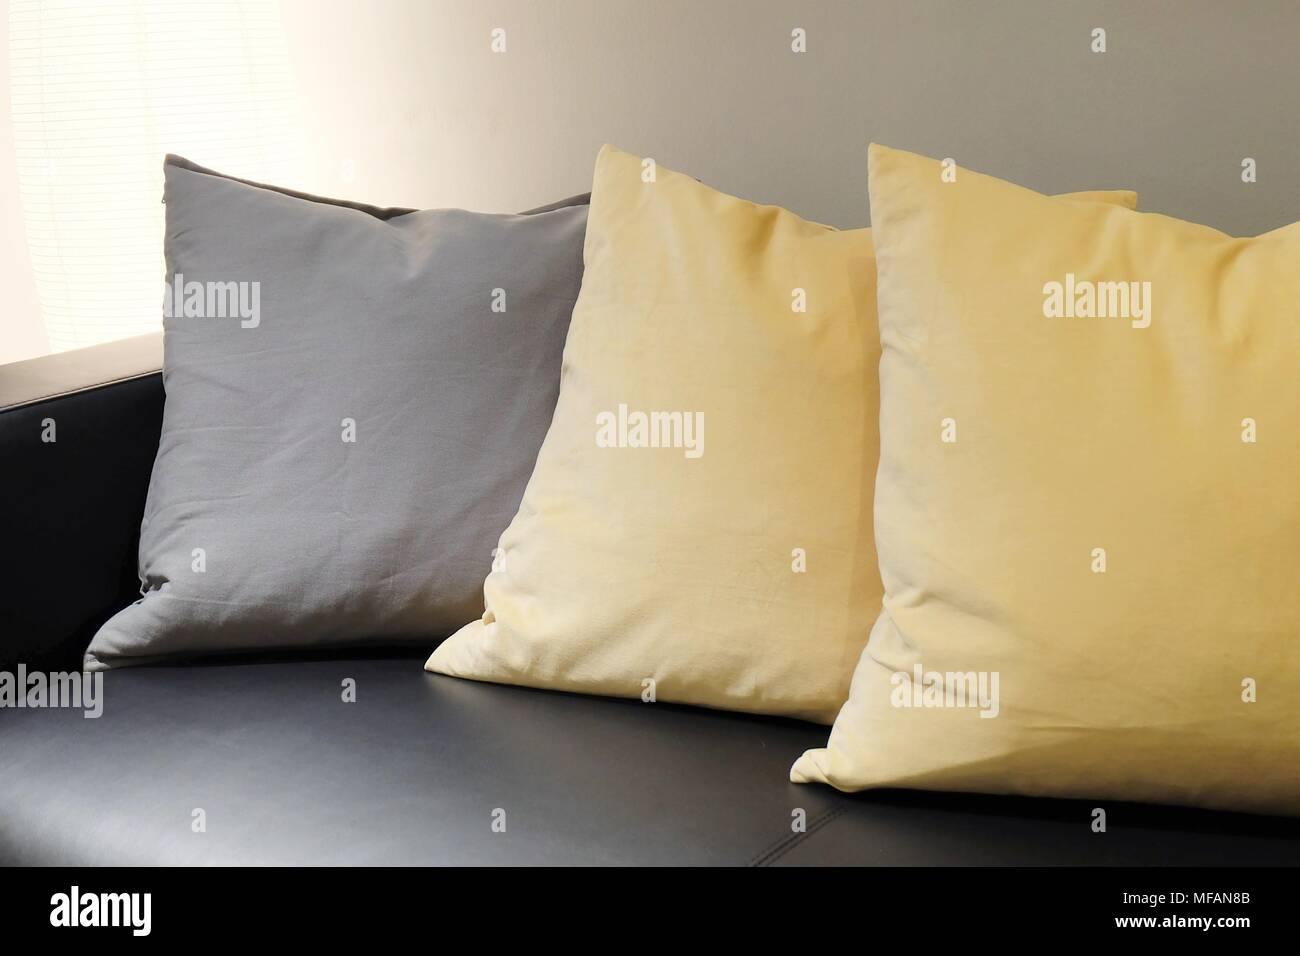 Schöne Moderne Leder Gemütliche Sofa Mit Grauen Und Gelben Kissen In